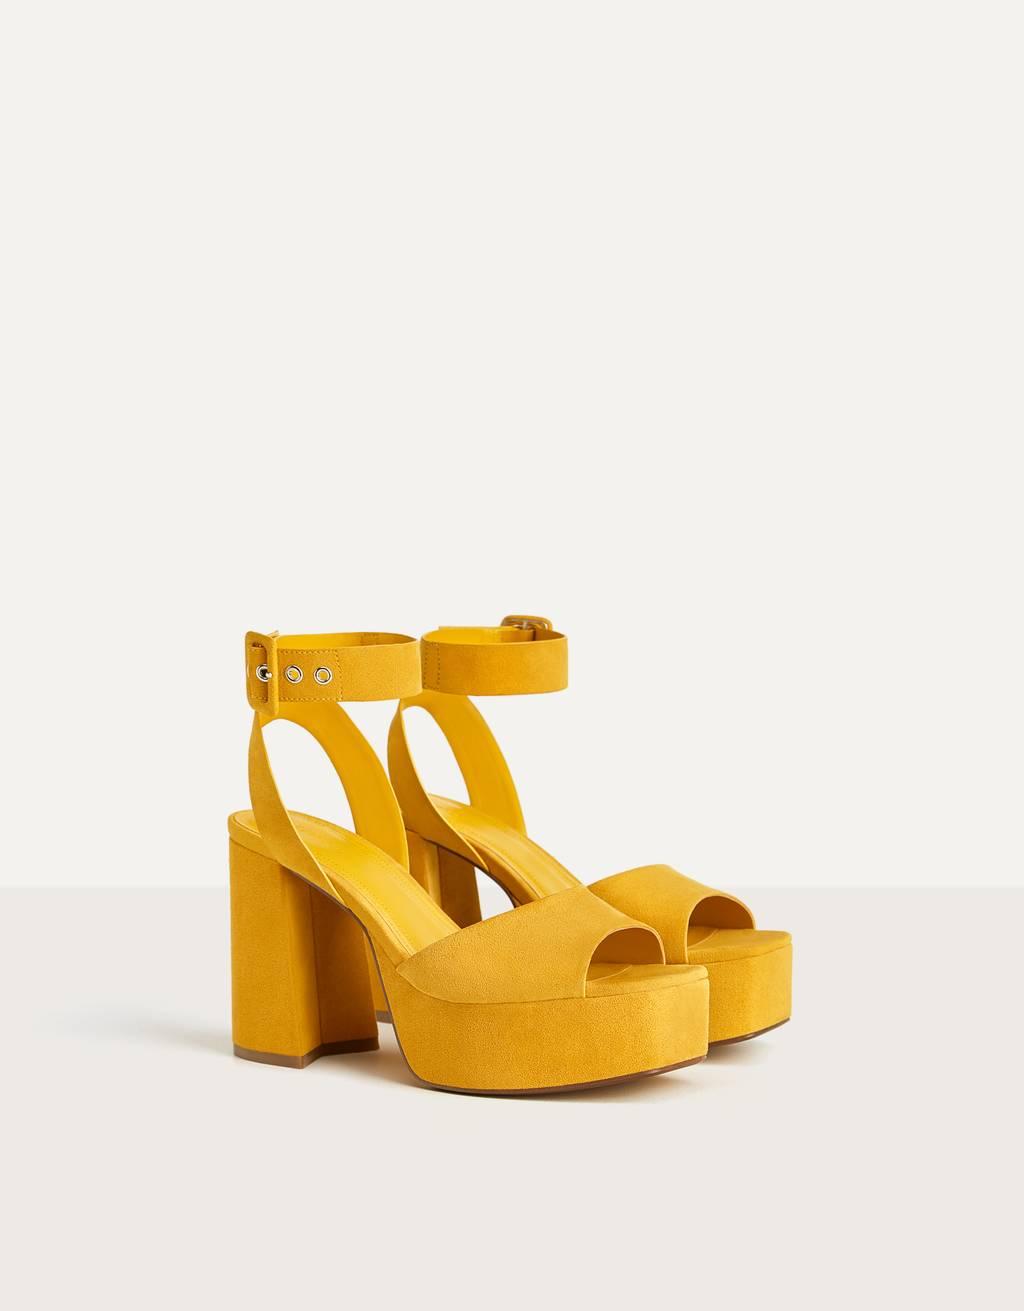 Augstpapēžu sandales ar platformu